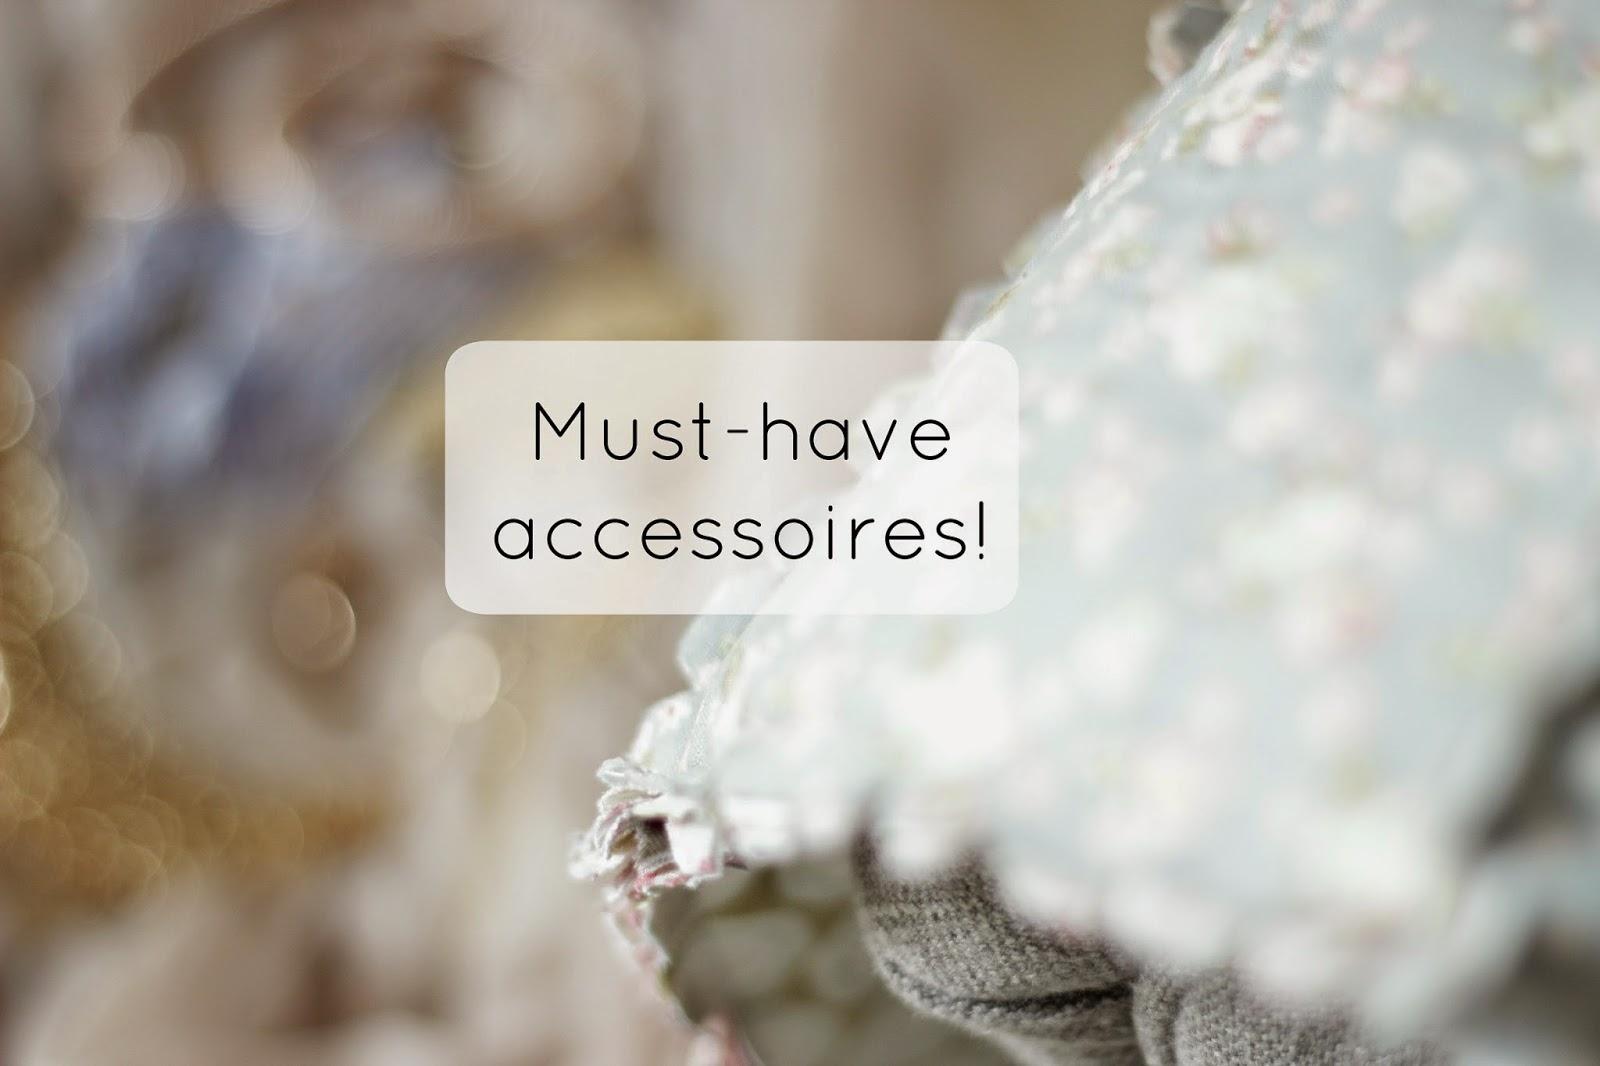 must-have accessoires lente